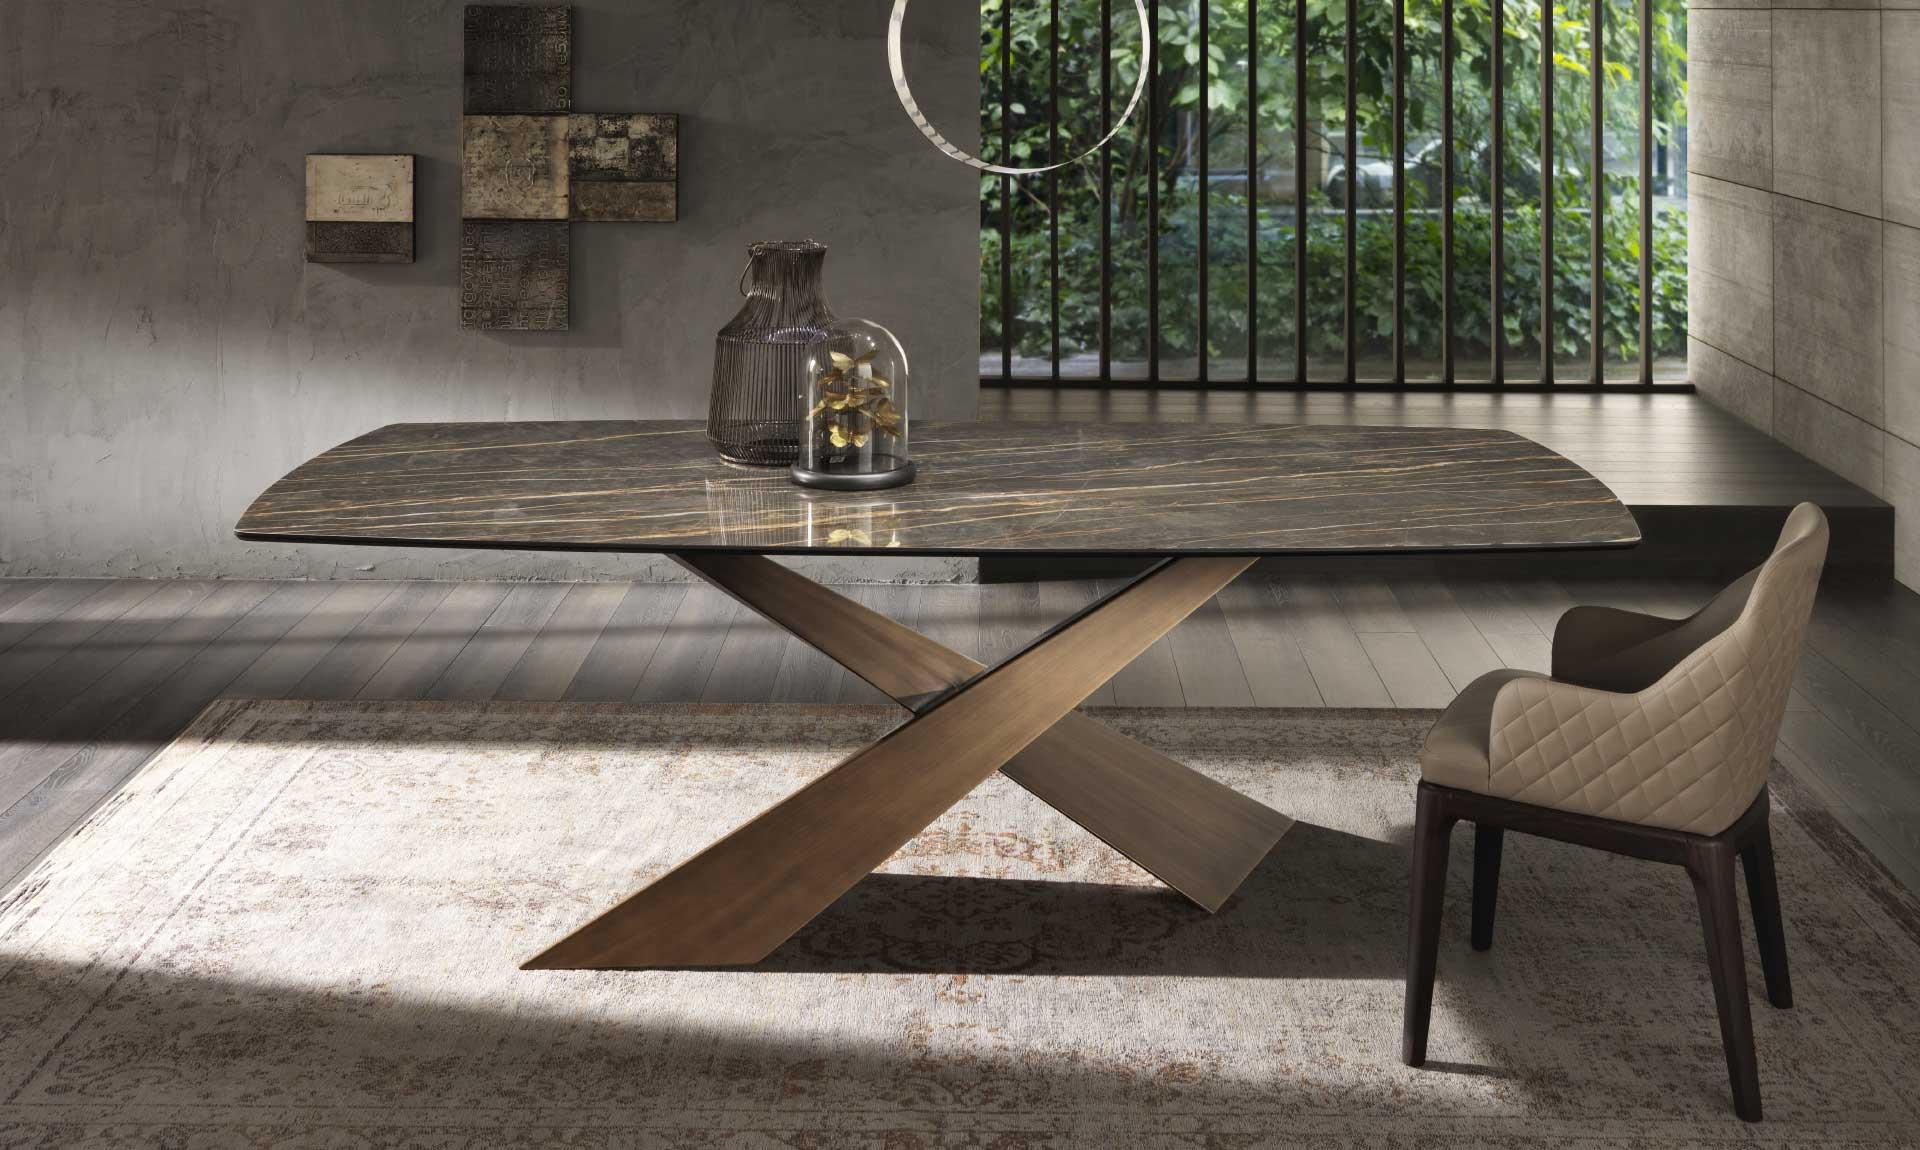 Tavolo fissi riflessi archivi consolle tavoli riflessi for Riflessi tavoli e sedie